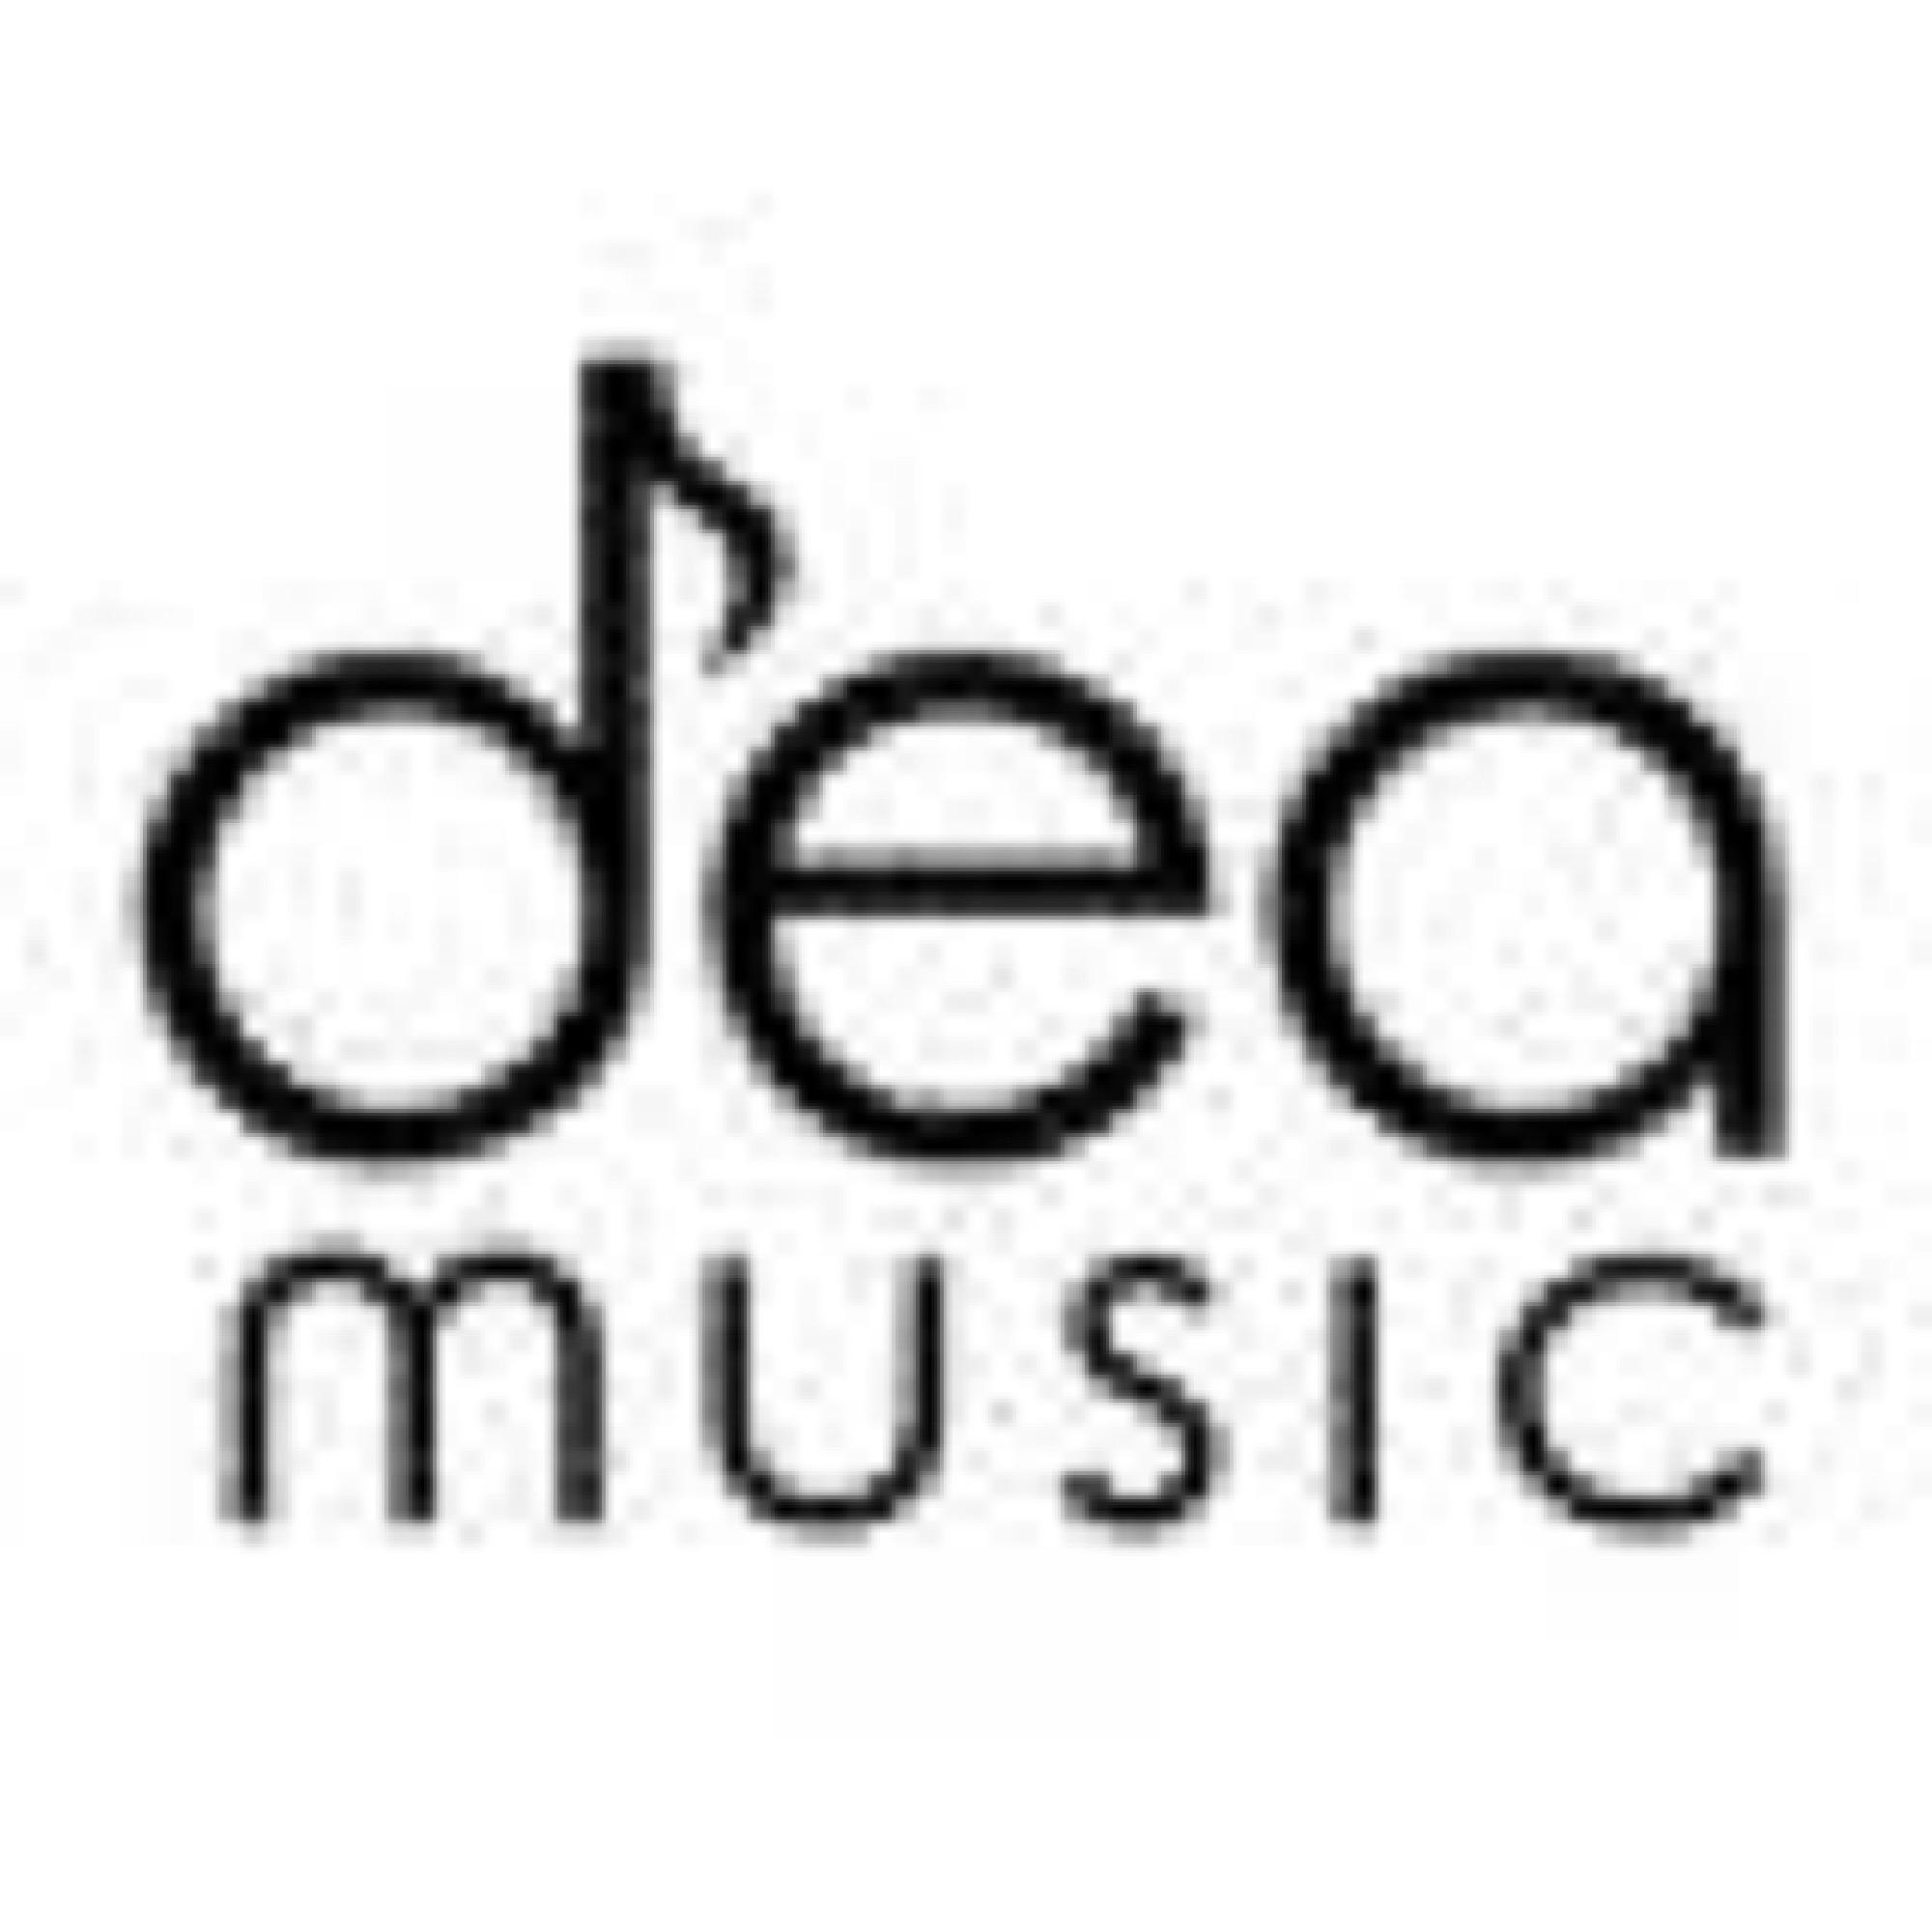 Logotyp till Dea musikbolag